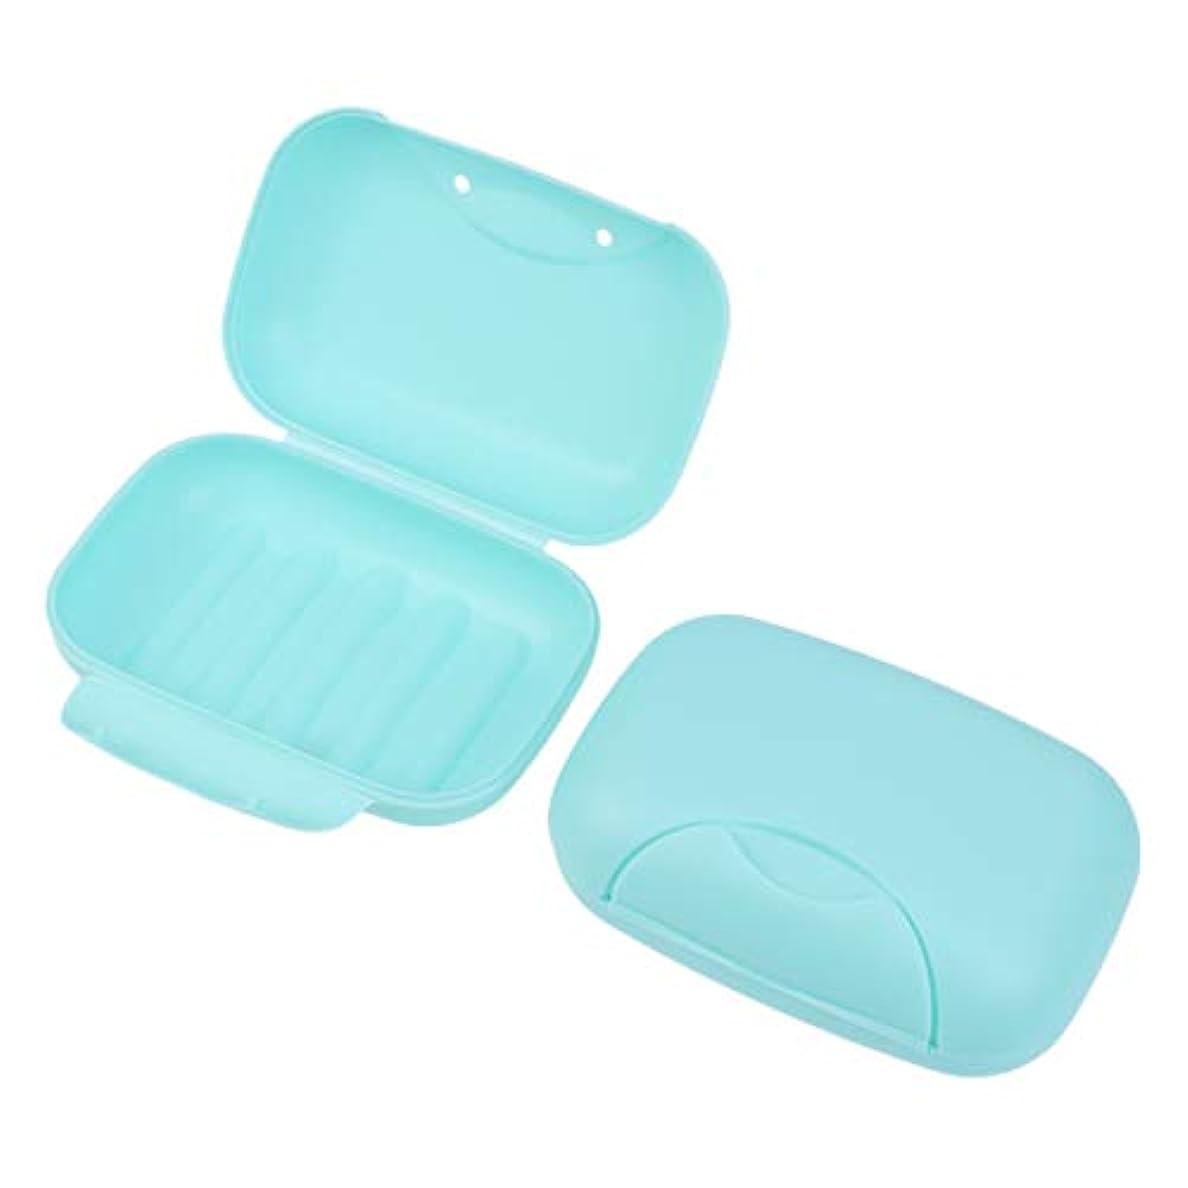 中絶やる傾向がありますHealifty 旅行用ソープボックス防水石鹸皿ソープホルダー2個(青)